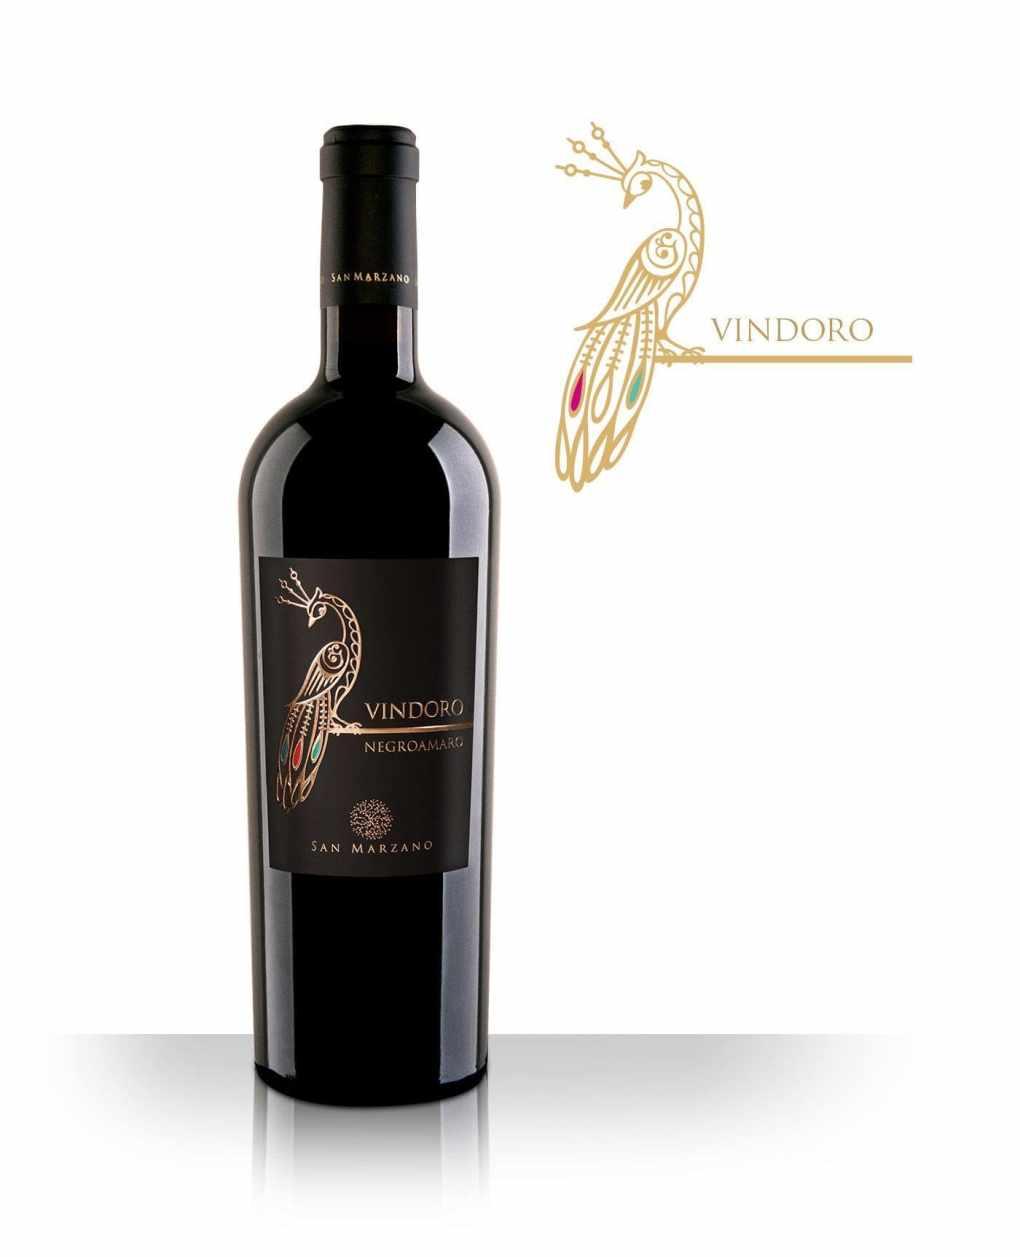 Bán rượu vang vindoro negroamaro tại Hà Nội giá tốt nhất